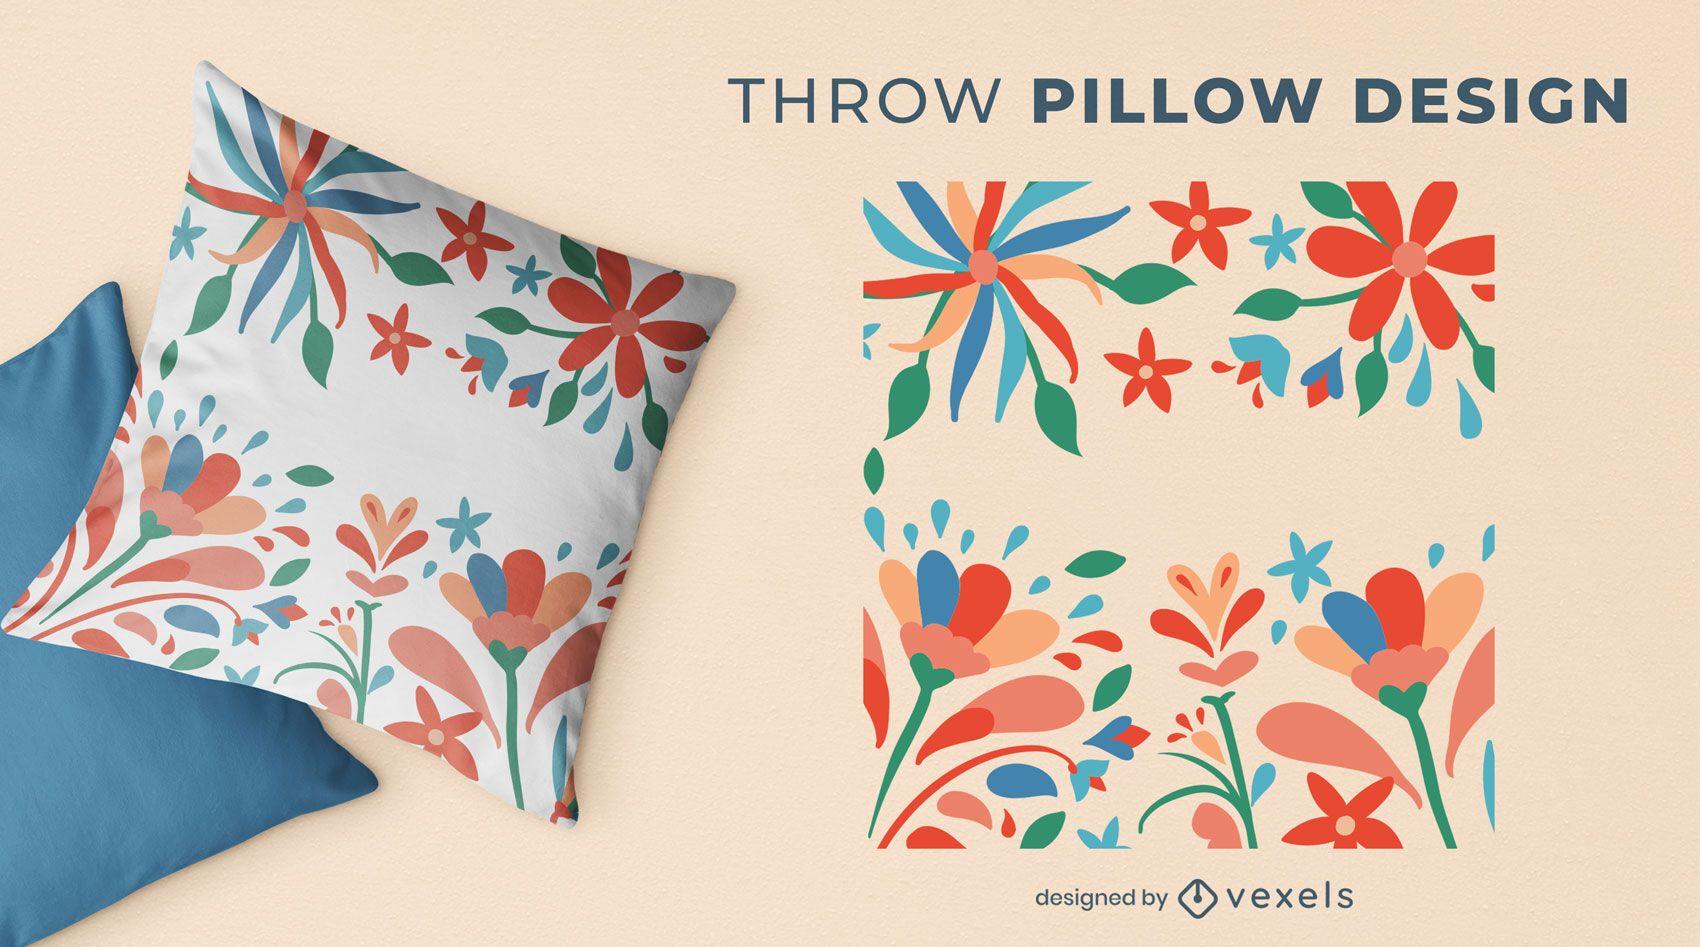 Diseño de almohada de tiro con flores otomíes